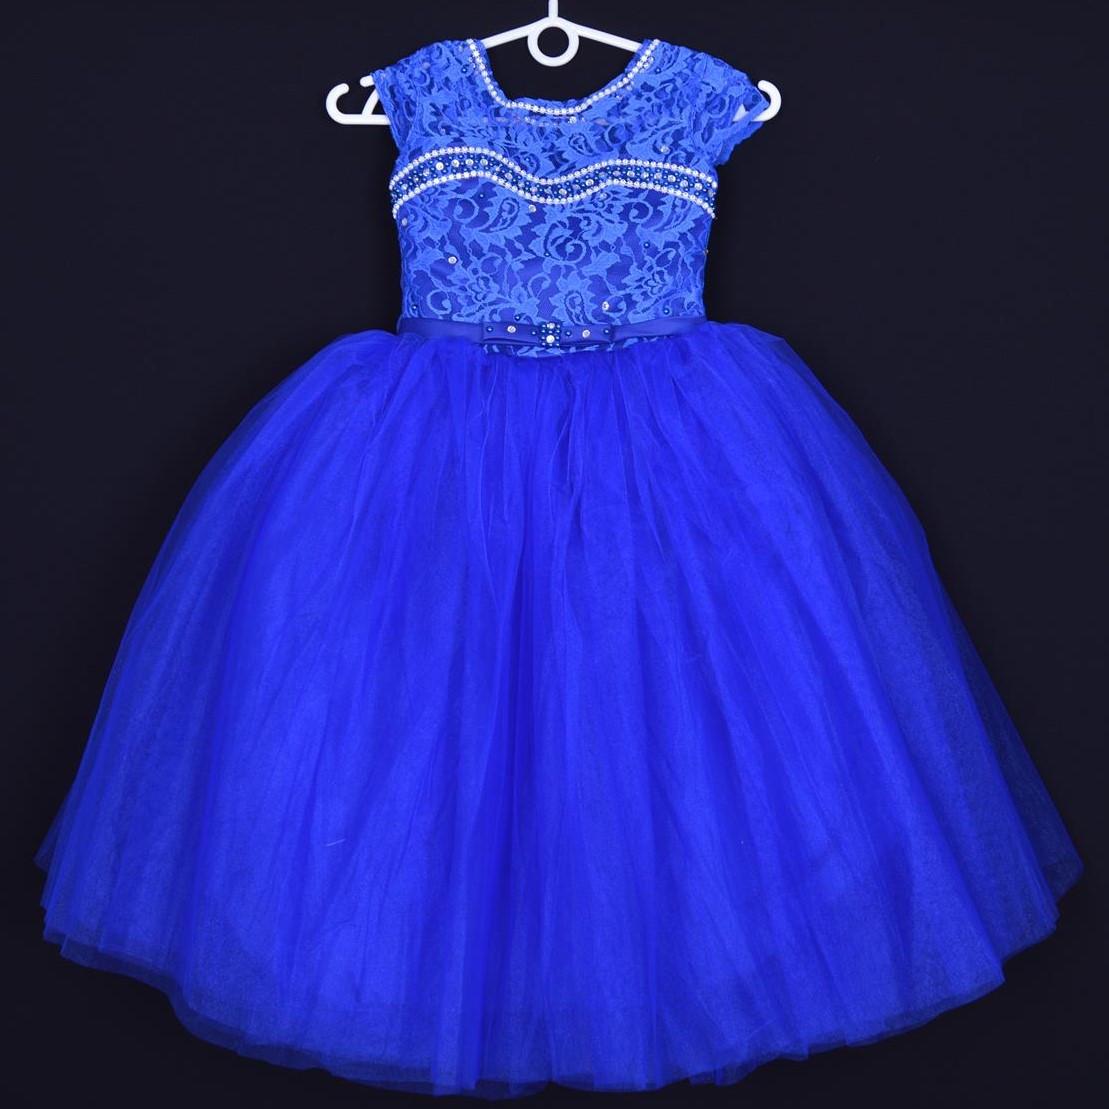 """Нарядное детское платье """"Принцесса"""". 6-7 лет. Синие. Оптом и в розницу"""